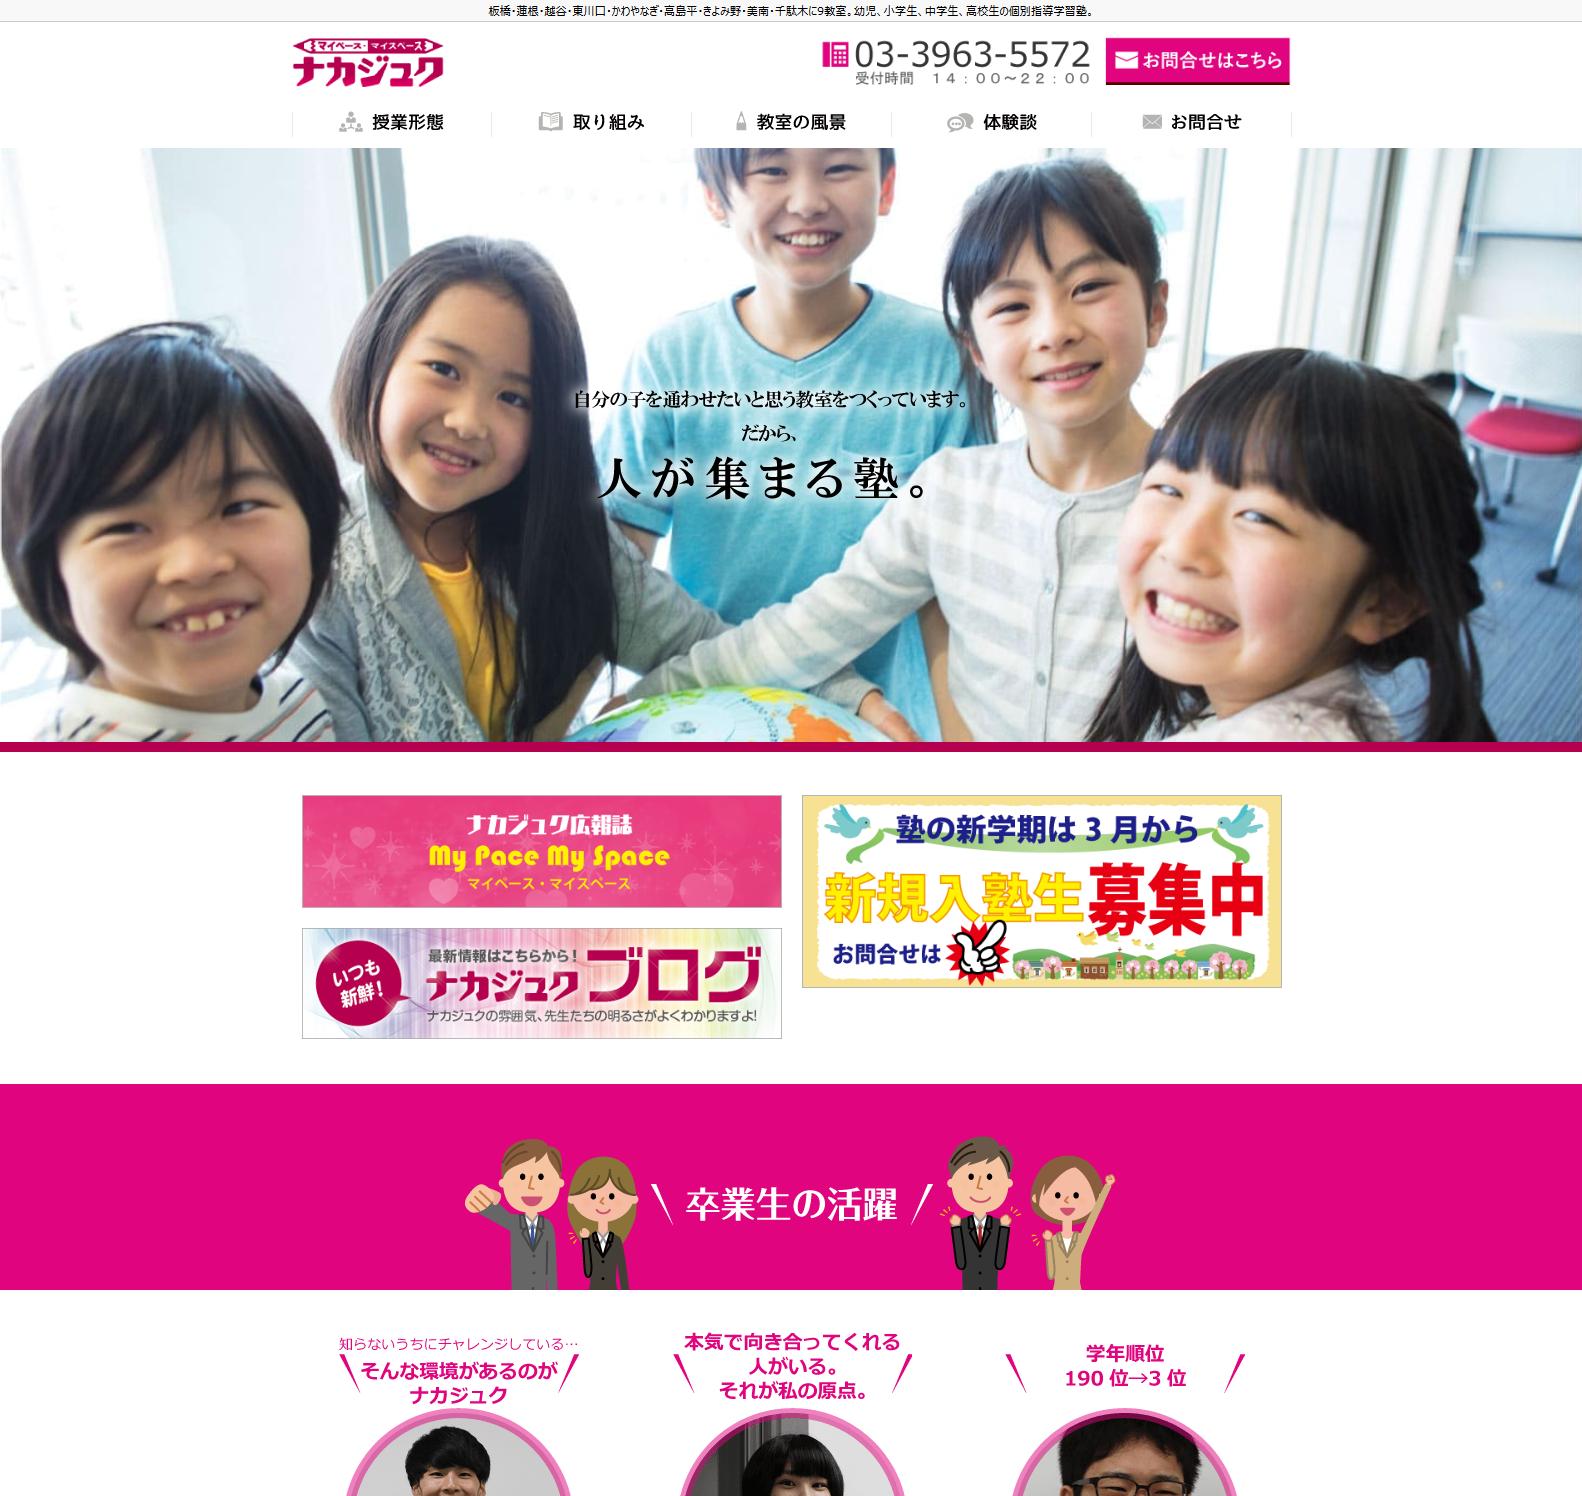 ホームページ作成|東京|さくっとホームページ作成では東京と埼玉(板橋・蓮根・越谷・東川口・かわやなぎ・高島平・きよみ野・美南・千駄木に9教室)で幼児、小学生、中学生、高校生の個別指導学習塾を運営する 「ナカジュク様の公式ホームページ」をリニューアルし、2019年2月に一般公開を開始しました。